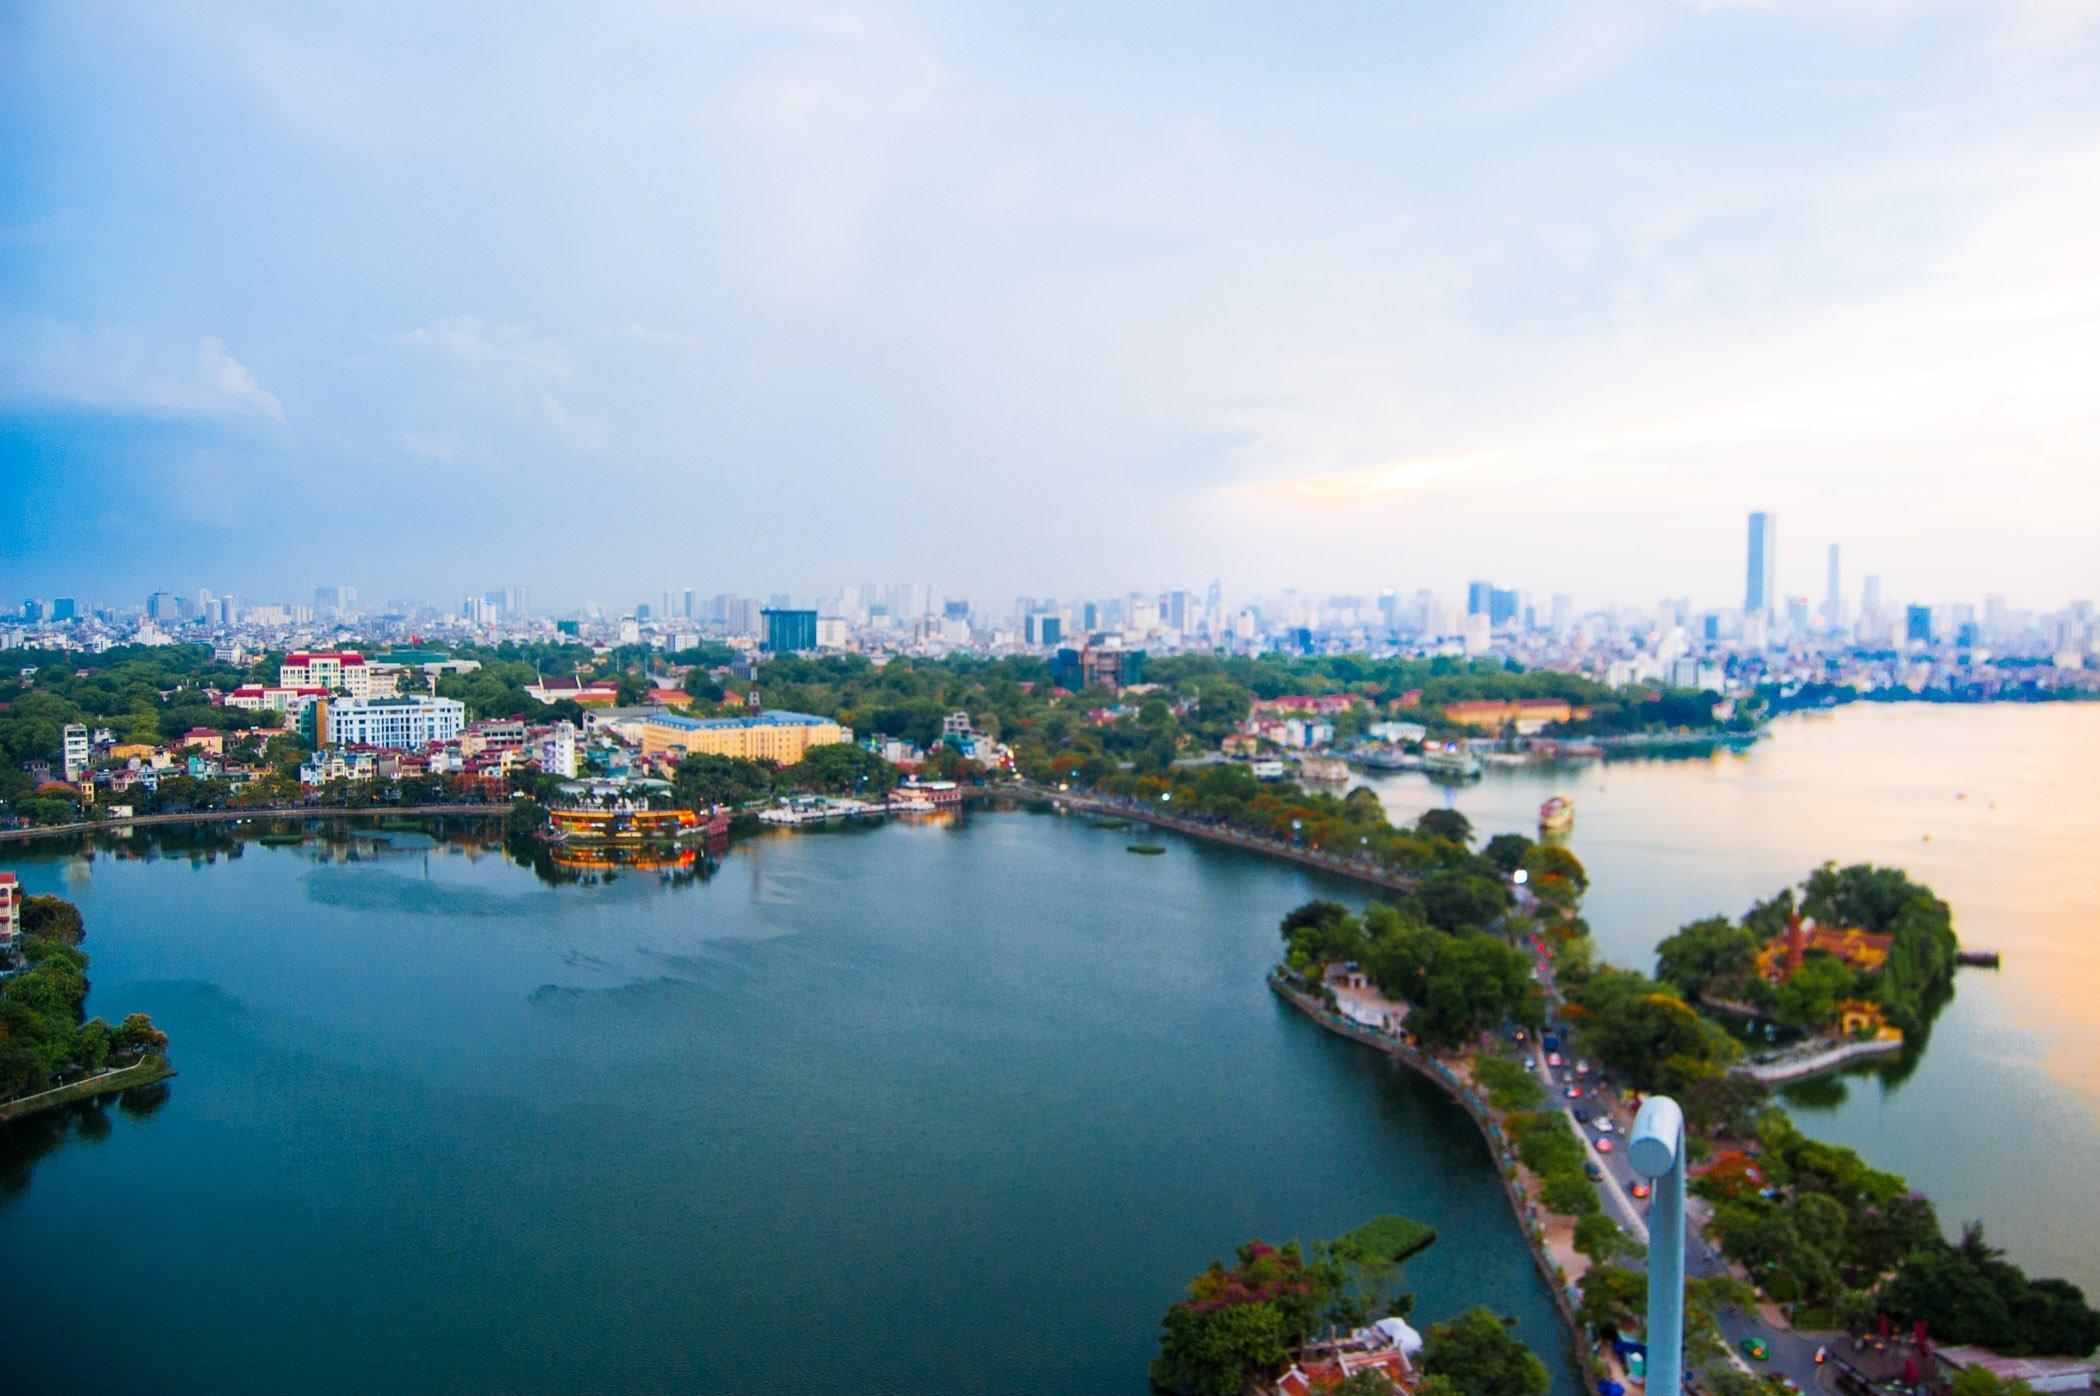 5-Day North Vietnam and F1 Grand Frix - Vietnam Itinerary